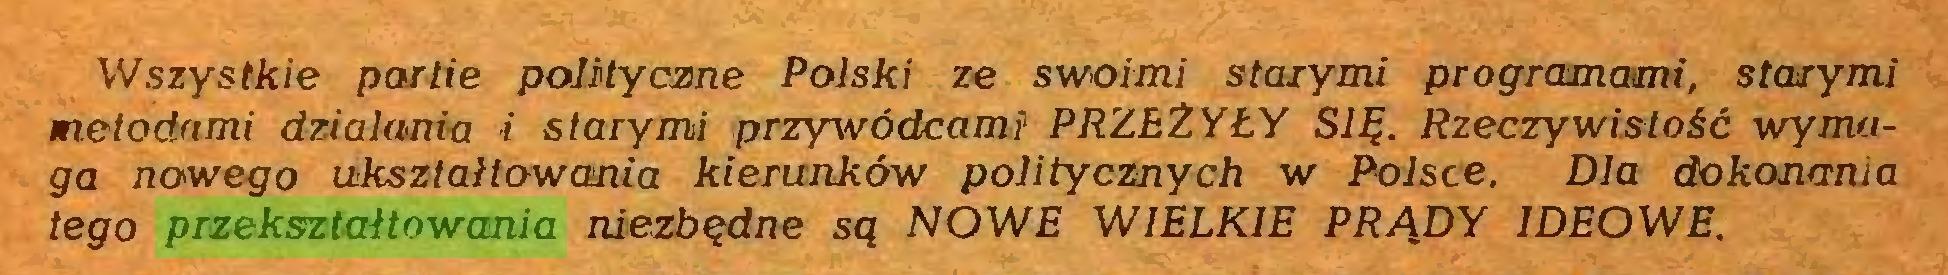 (...) Wszystkie partie polityczne Polski ze swoimi starymi programami, starymi metodami działania i starymi przywódcami PRZEŻYŁY SIĘ. Rzeczywistość wymaga nowego ukształtowania kierunków politycznych w Polsce. Dla dokonania tego przekształtowania niezbędne są NOWE WIELKIE PRĄDY IDEOWE...